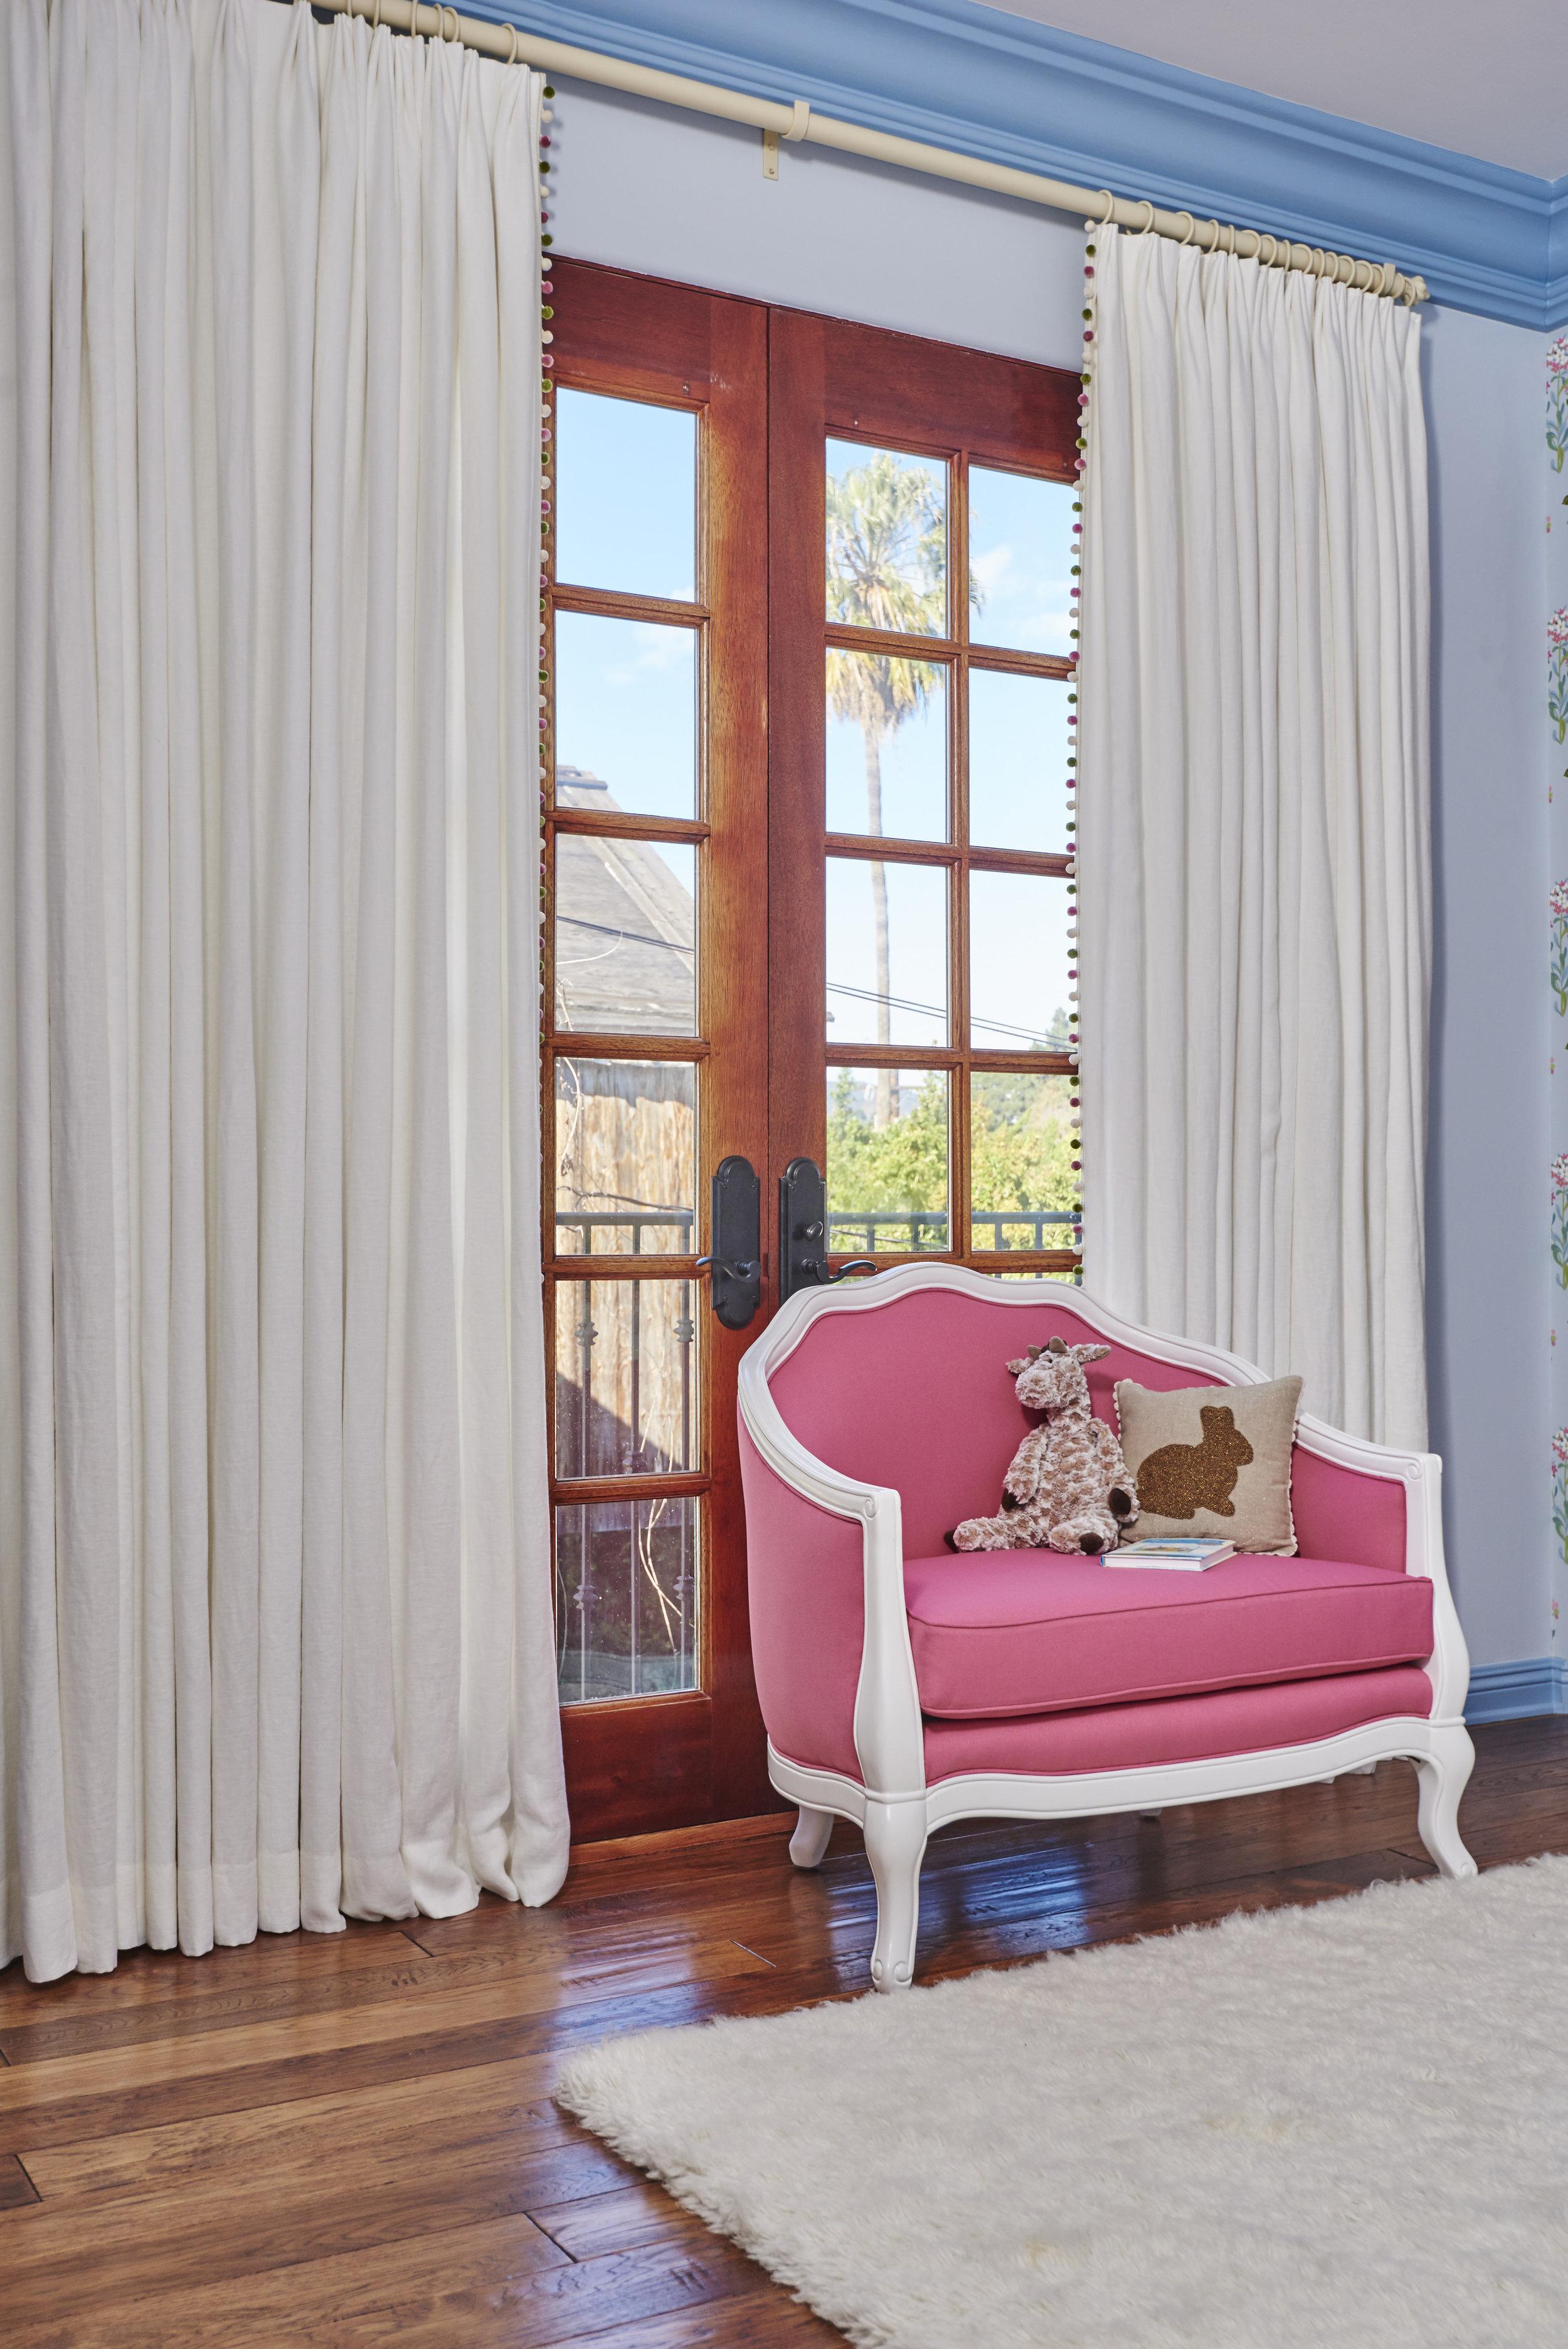 Sarah.barnard.design.little.girls.bedroom.luxury.chair.jpg